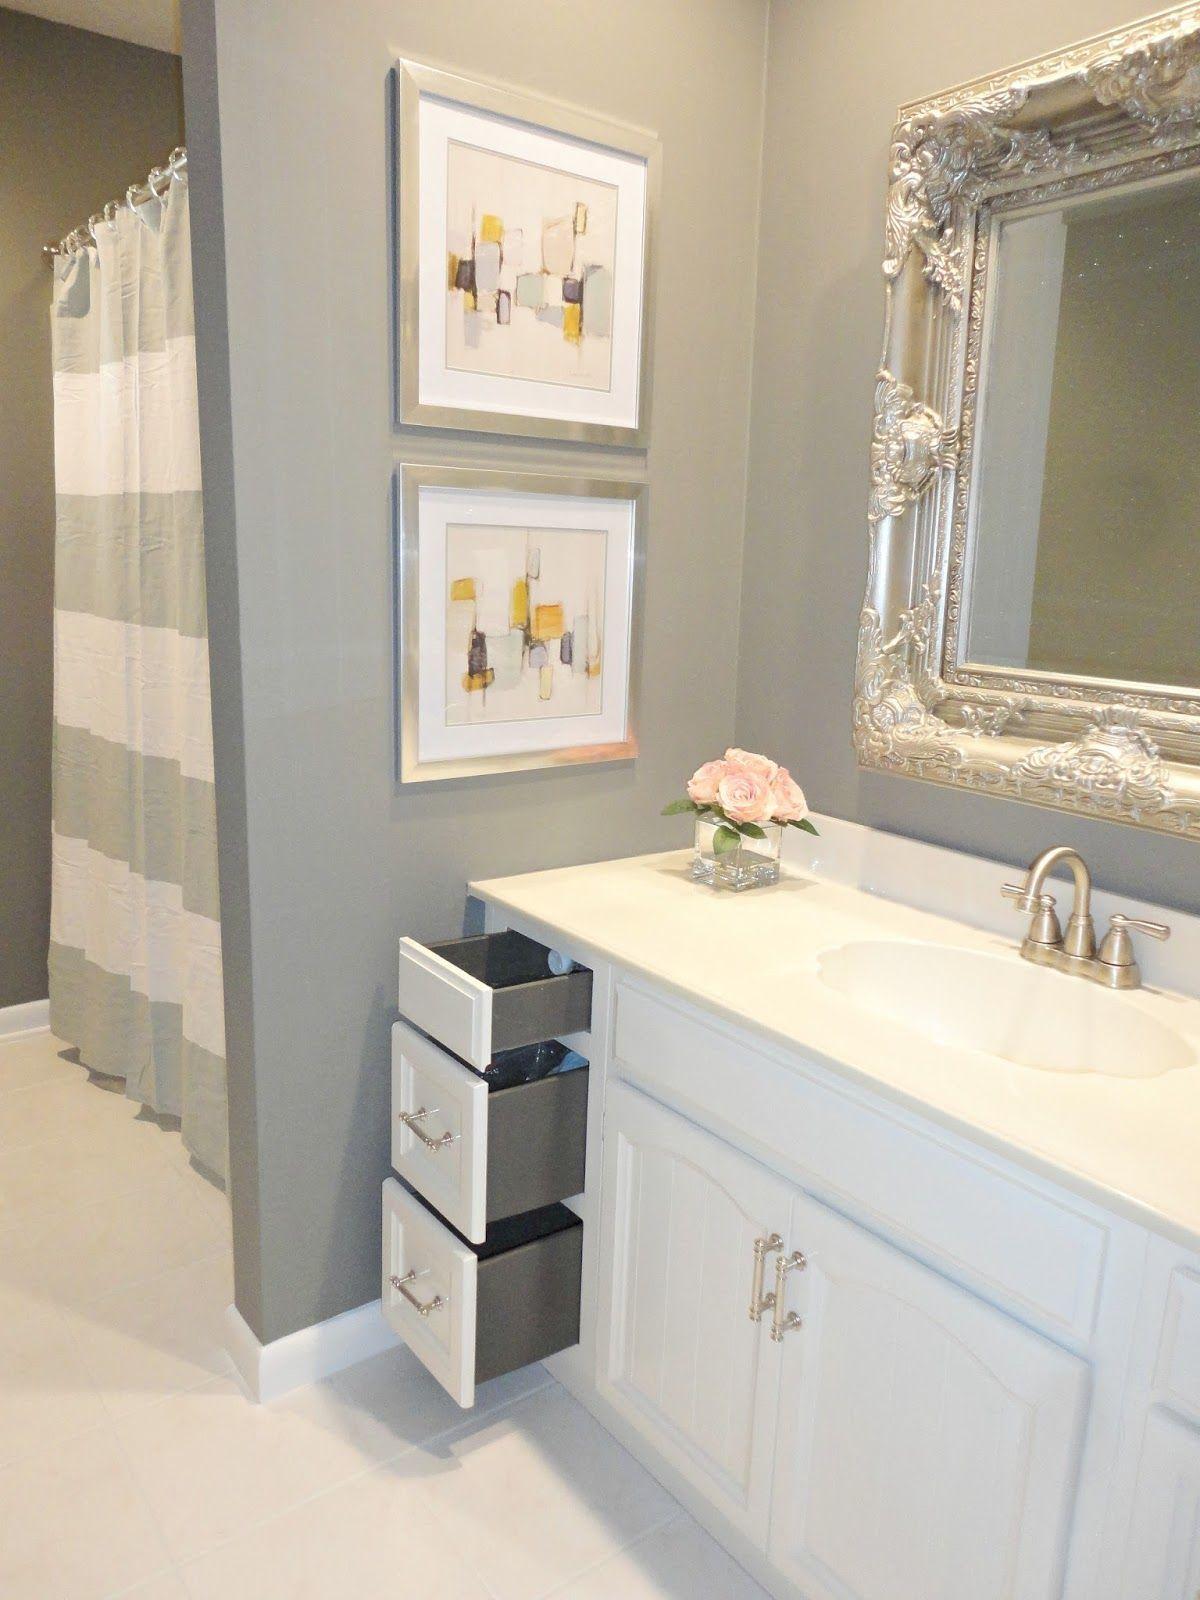 11 Savory Kids Bathroom Remodel Crown Moldings Ideas